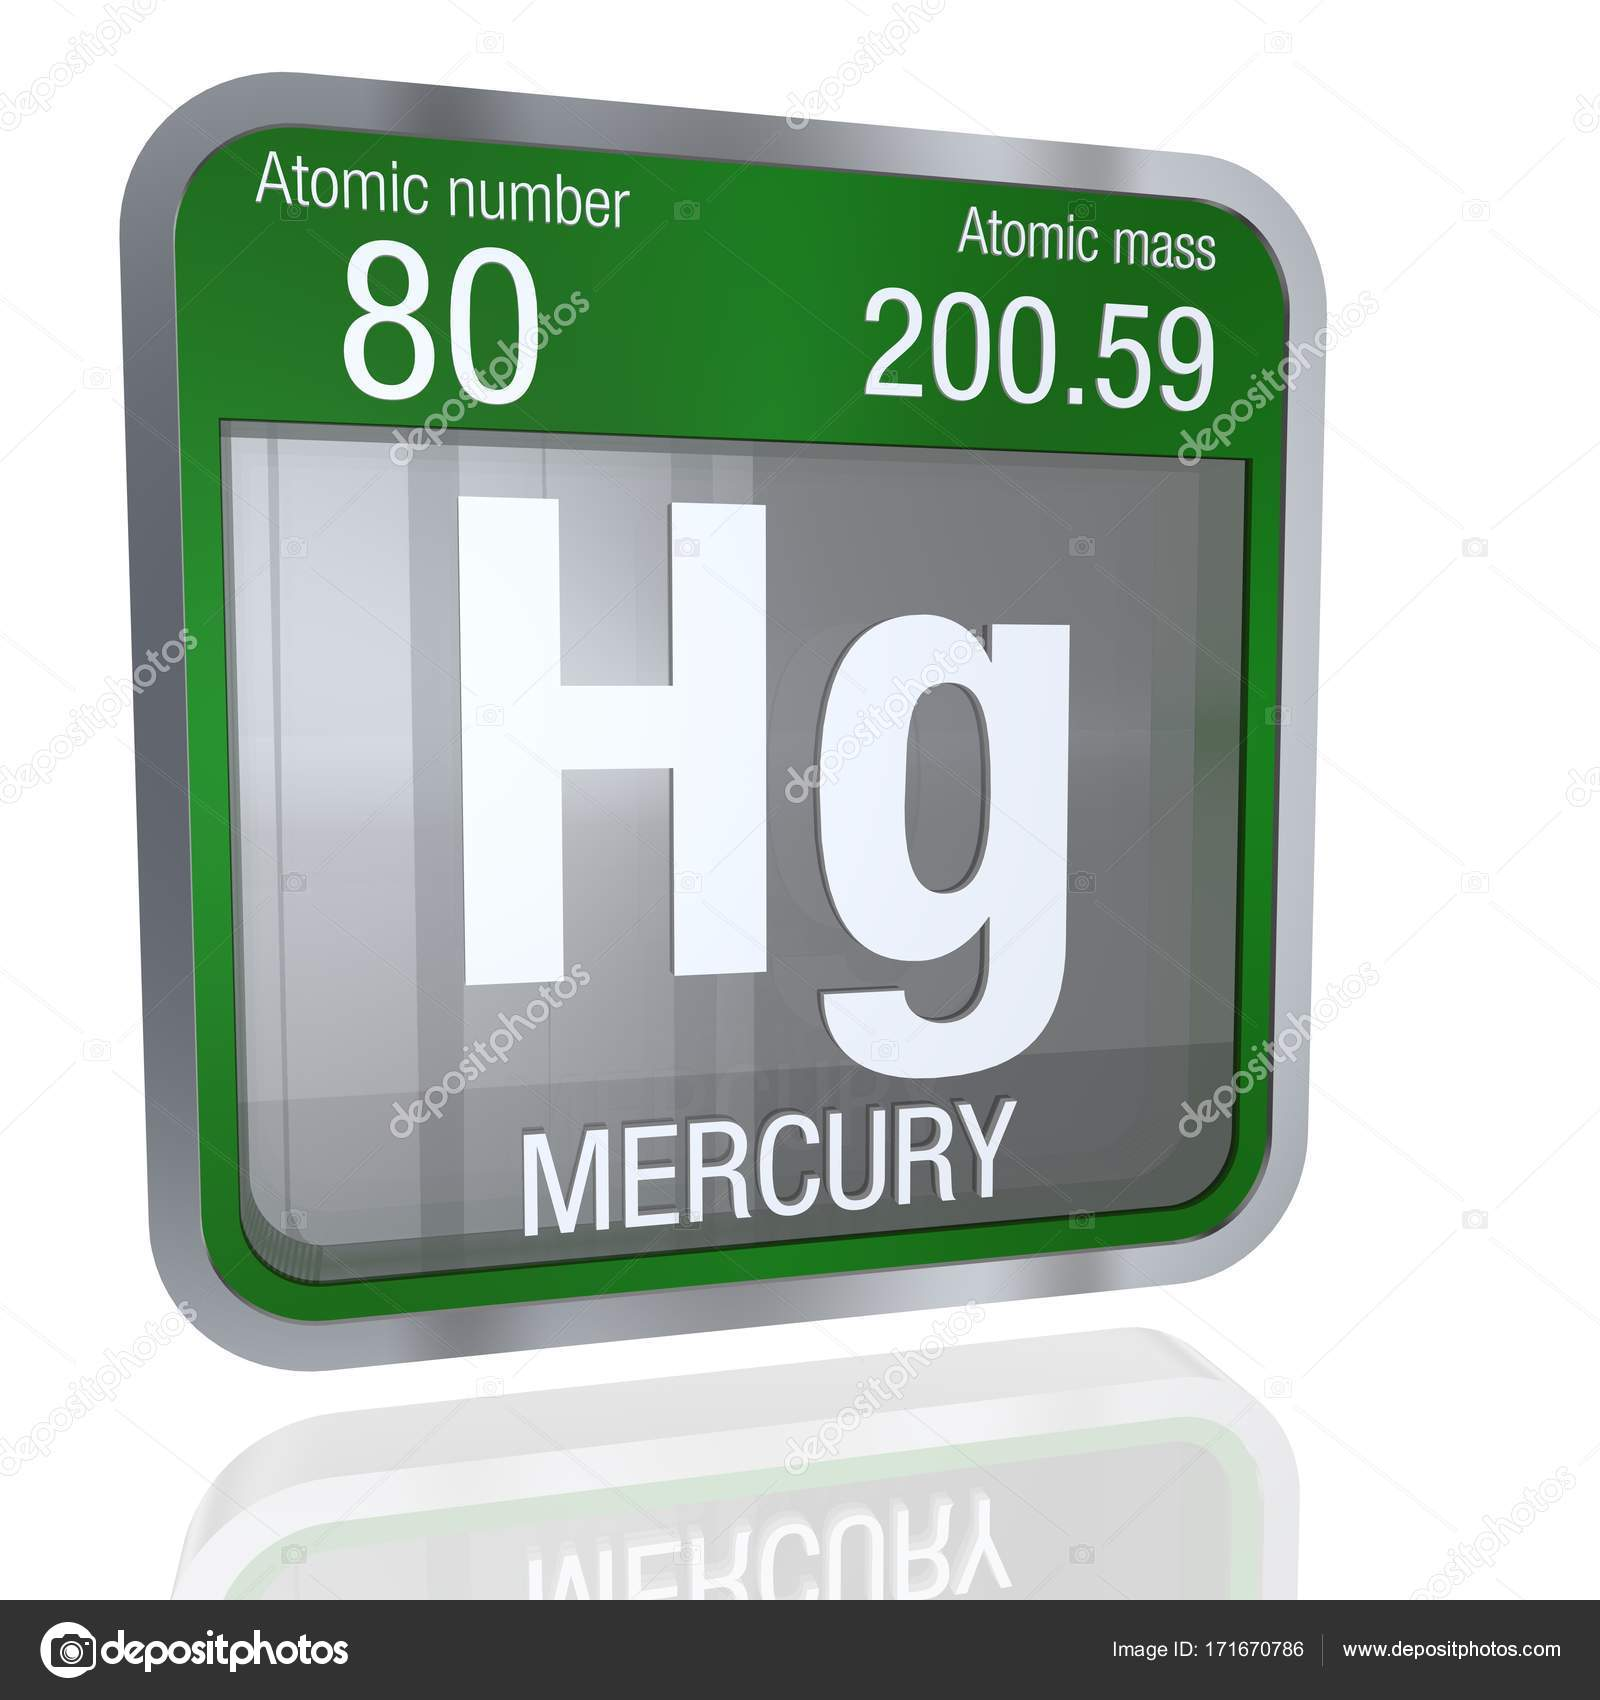 Smbolo de mercurio en forma cuadrada con borde metlico y fondo smbolo de mercurio en forma cuadrada con borde metlico y fondo transparente con reflejo en el piso 3d render elemento nmero 80 de la tabla peridica de urtaz Gallery